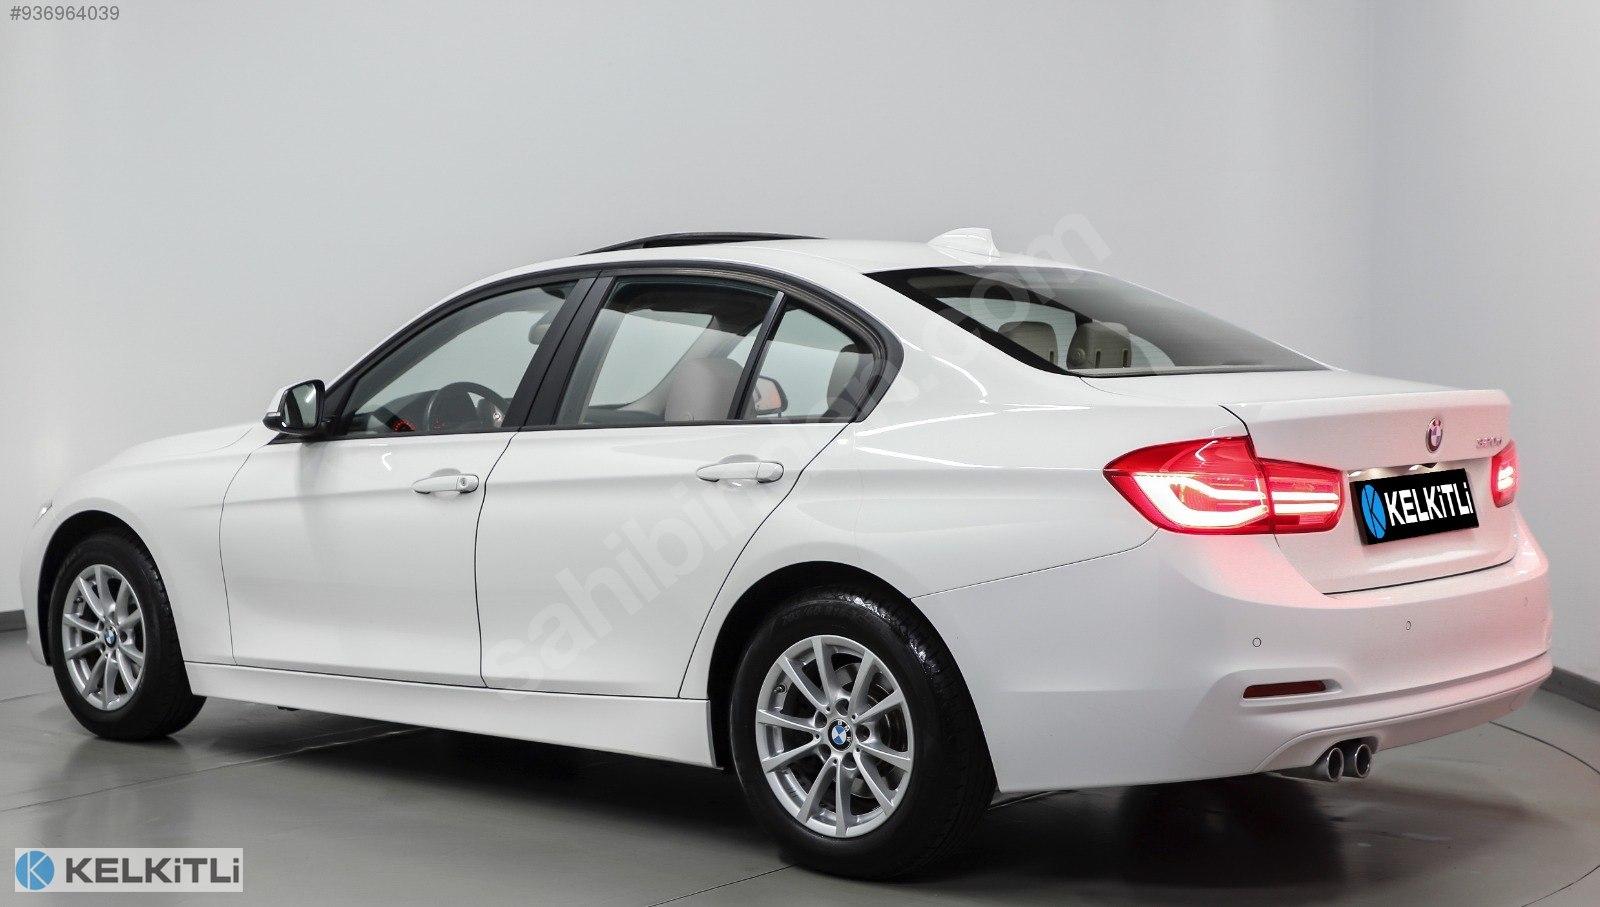 2015 BMW 320d BOYASIZ 40.000km TR'DE TEK